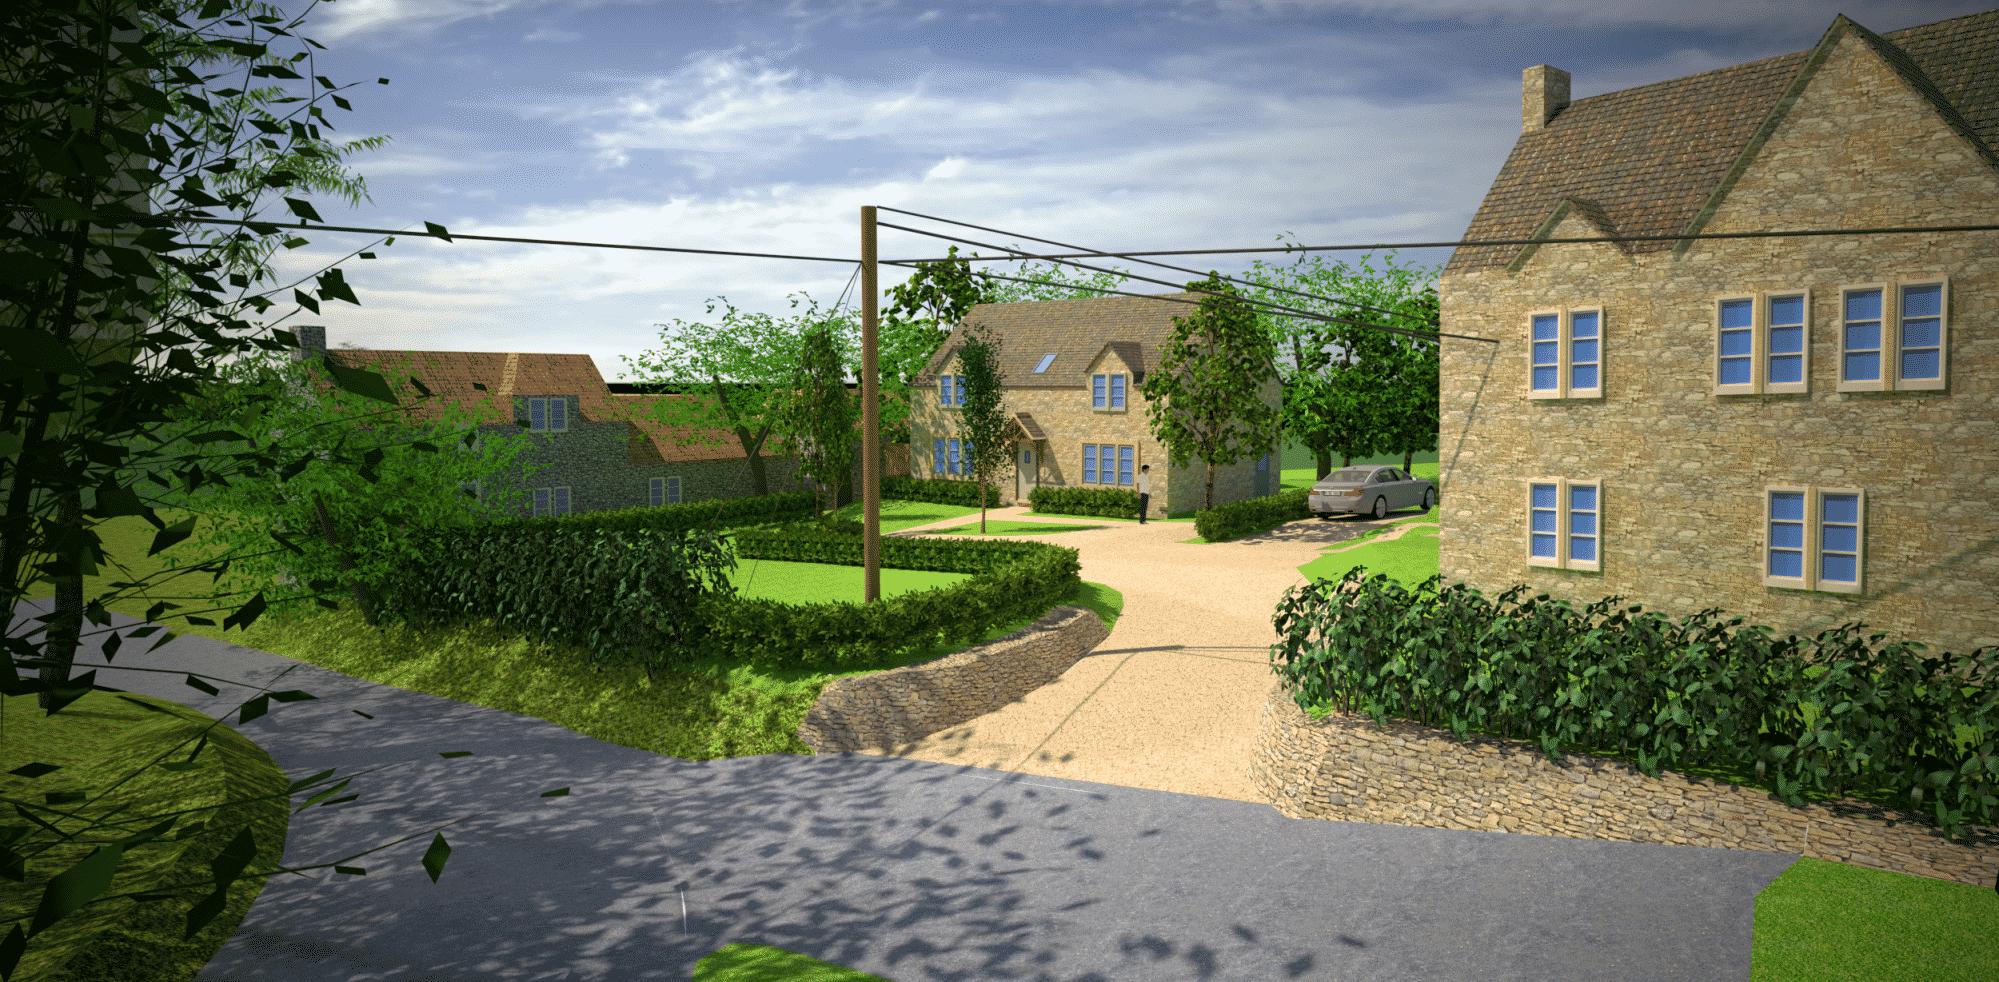 bristol 3d modelling, bristol 3d visualisations, realistic 3d modelling, realistic rendering